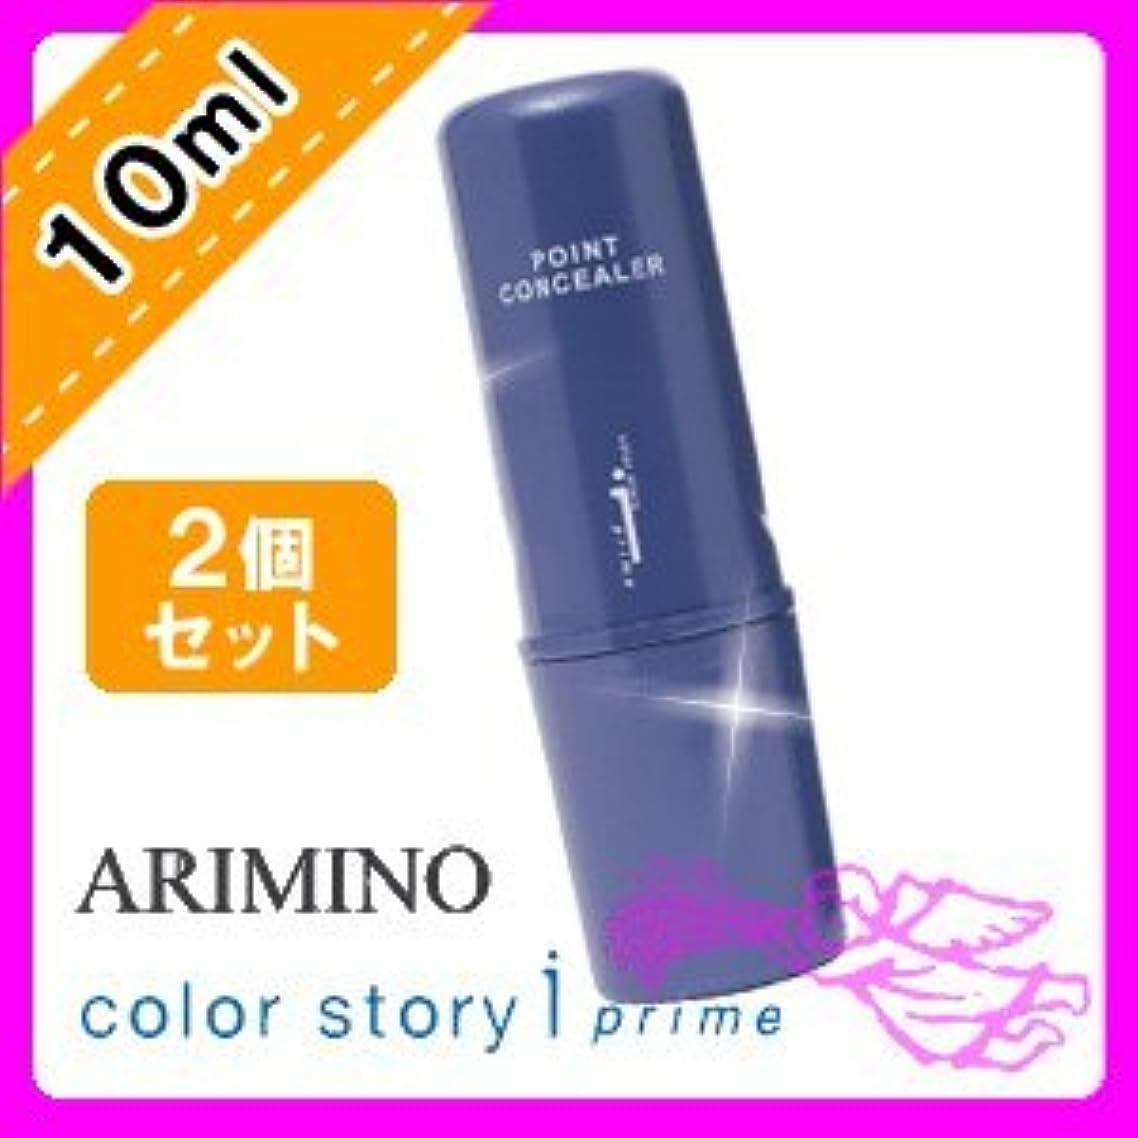 元気寛容外側アリミノ カラーストーリーiプライム ポイントコンシーラー ライト 10ml ×2個 セット